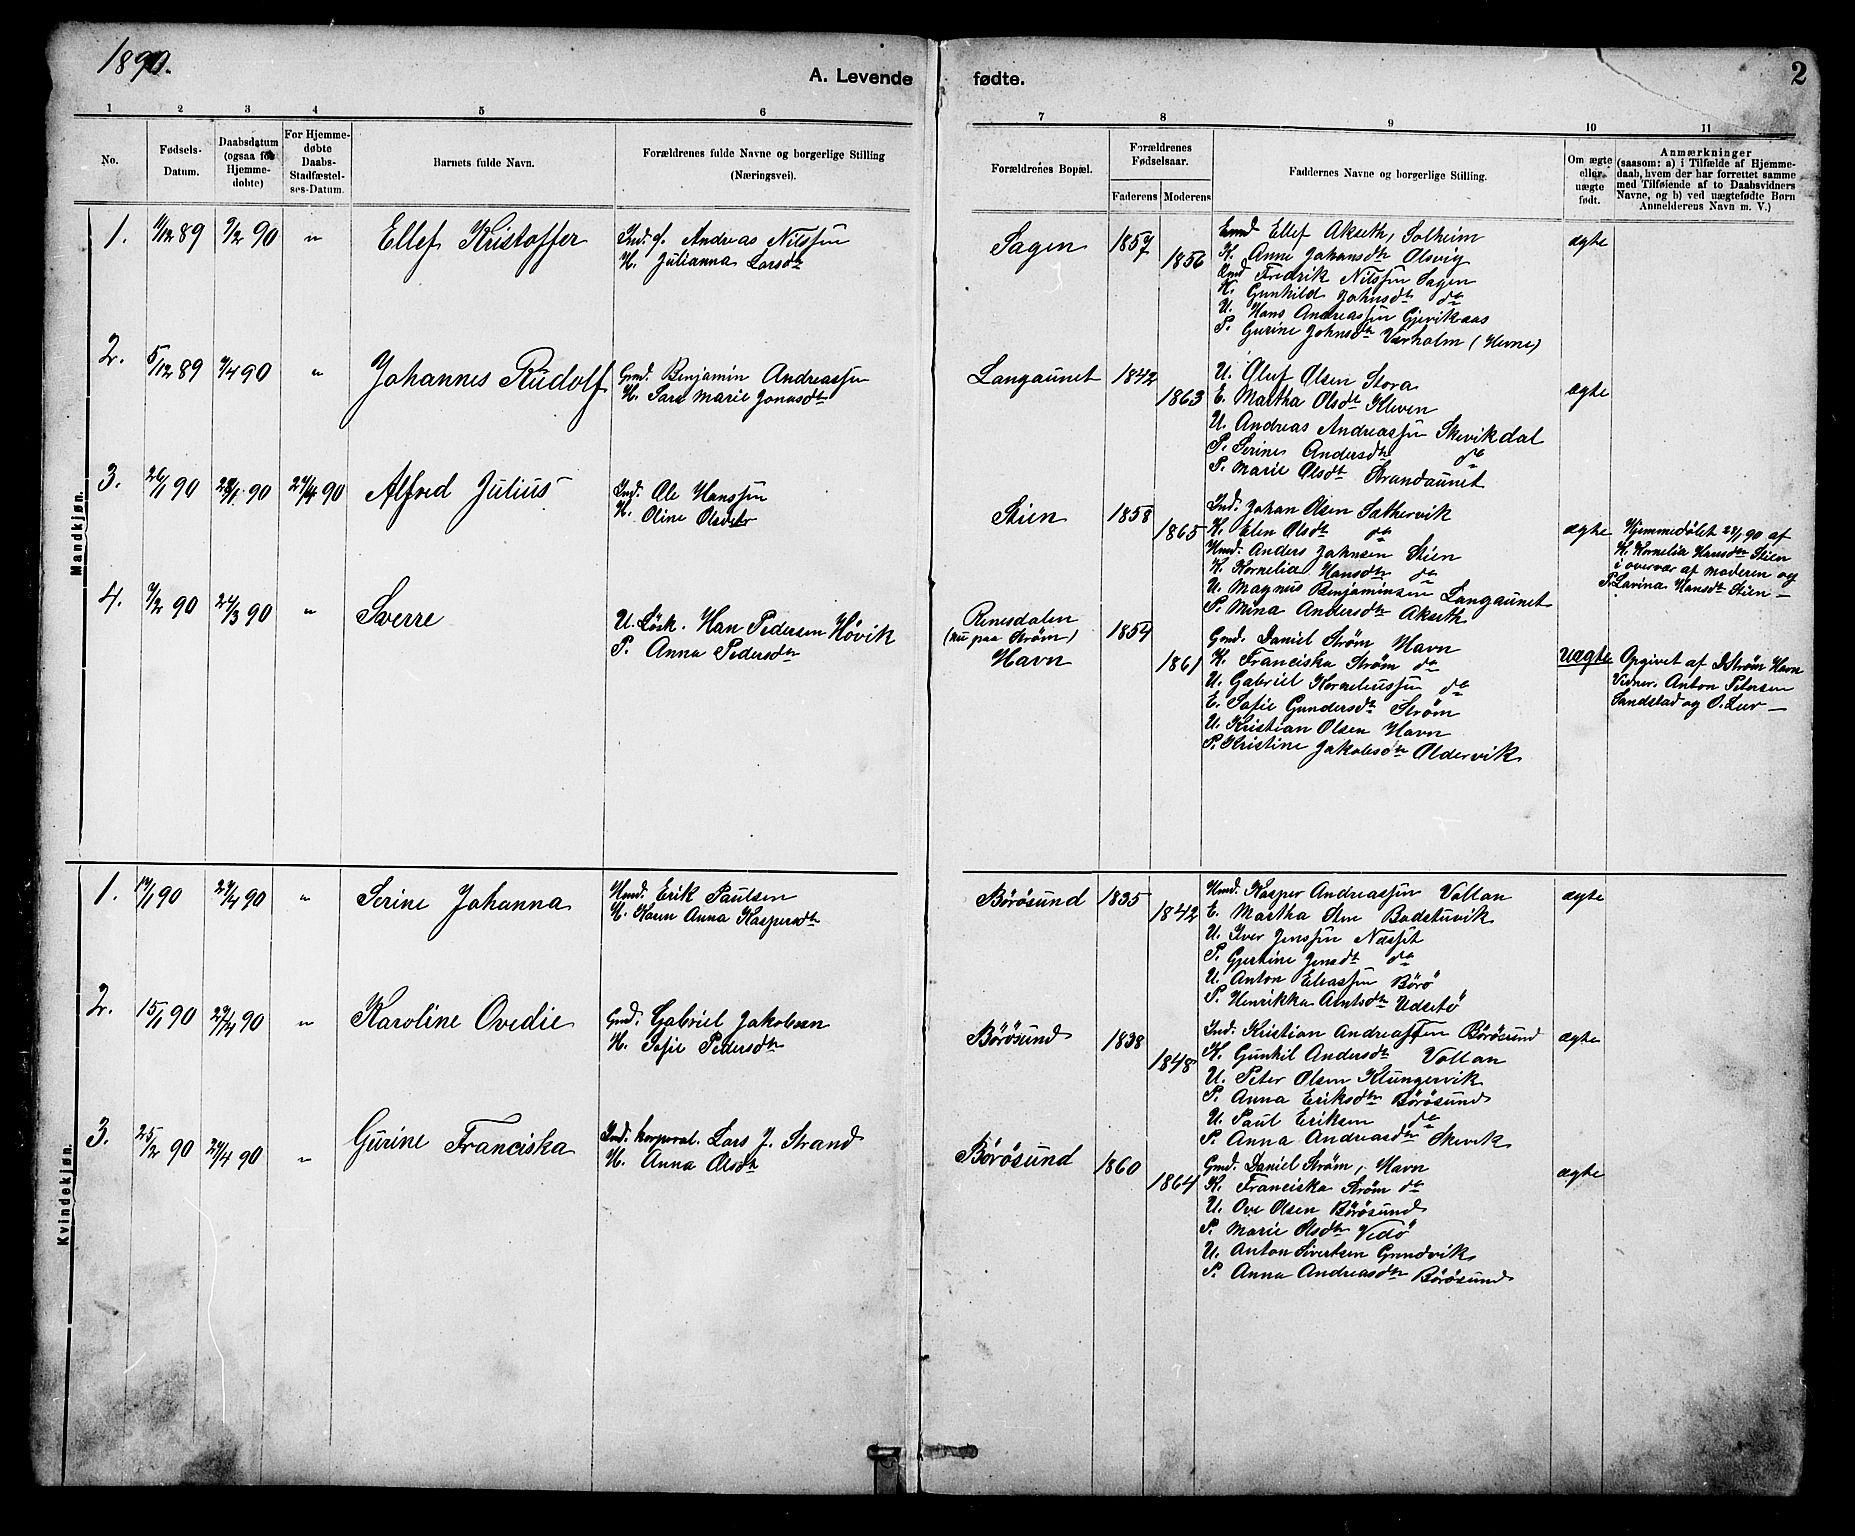 SAT, Ministerialprotokoller, klokkerbøker og fødselsregistre - Sør-Trøndelag, 639/L0573: Klokkerbok nr. 639C01, 1890-1905, s. 2a